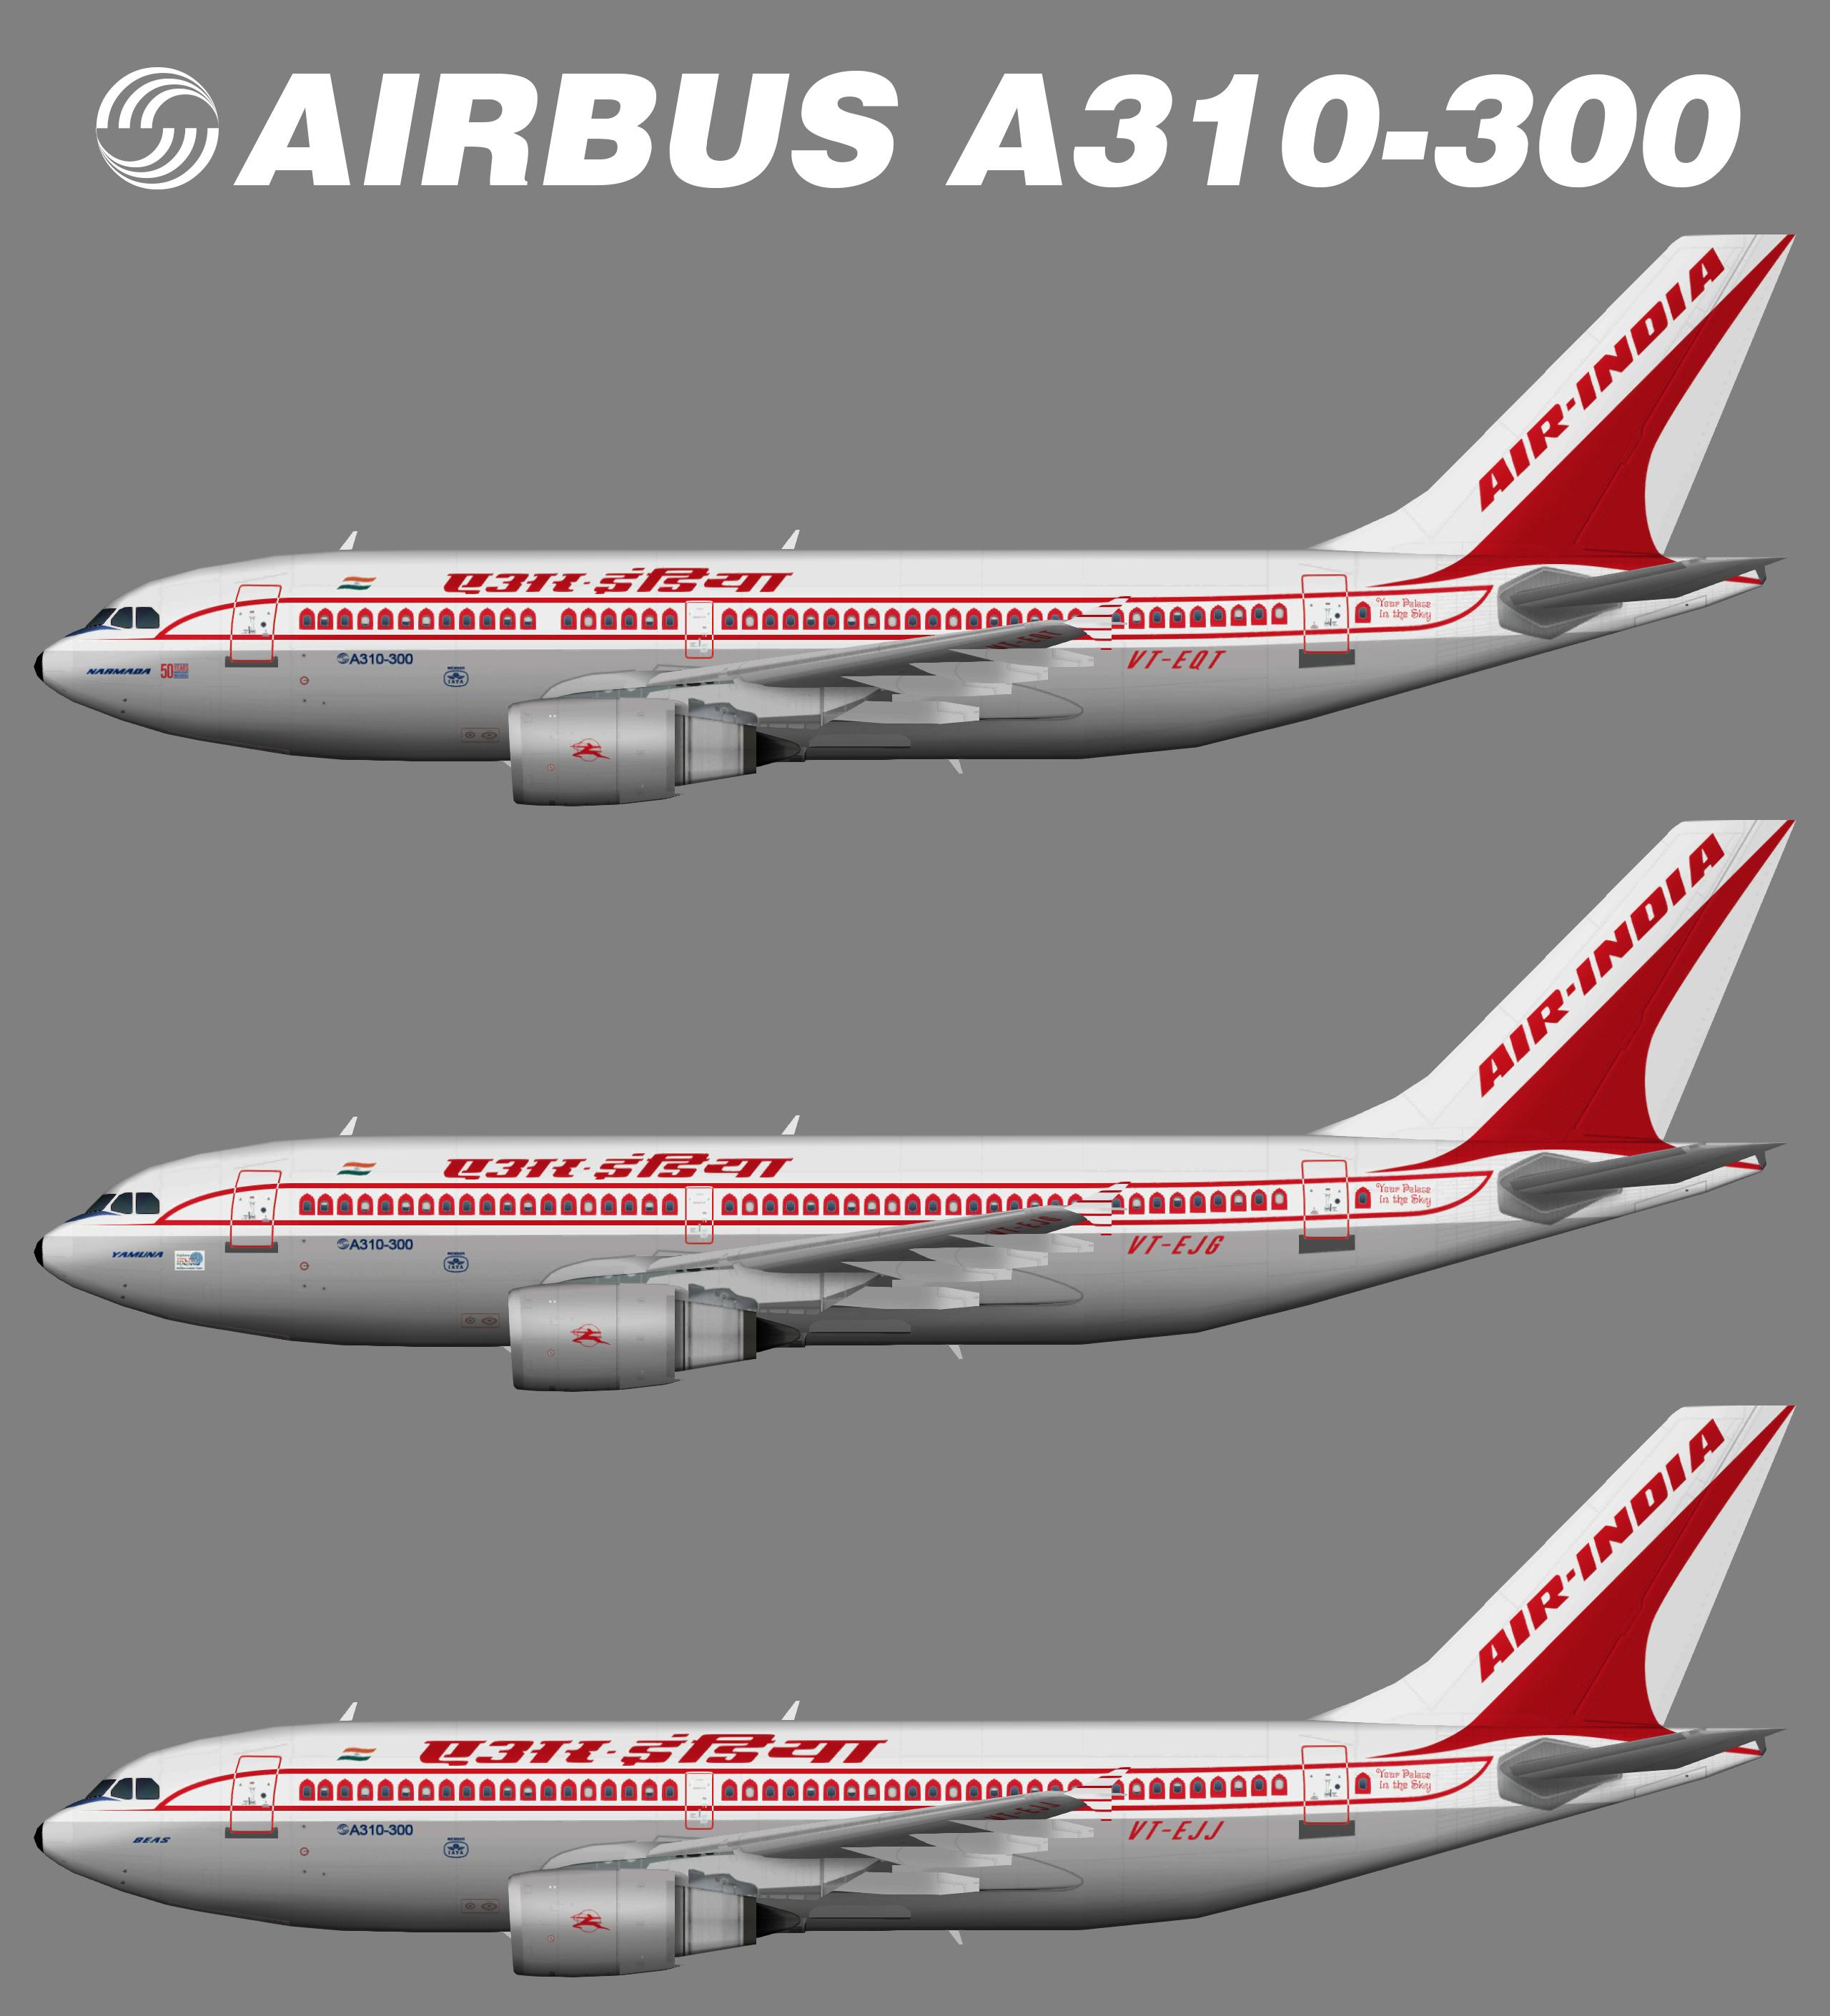 Air-India Airbus A310-300